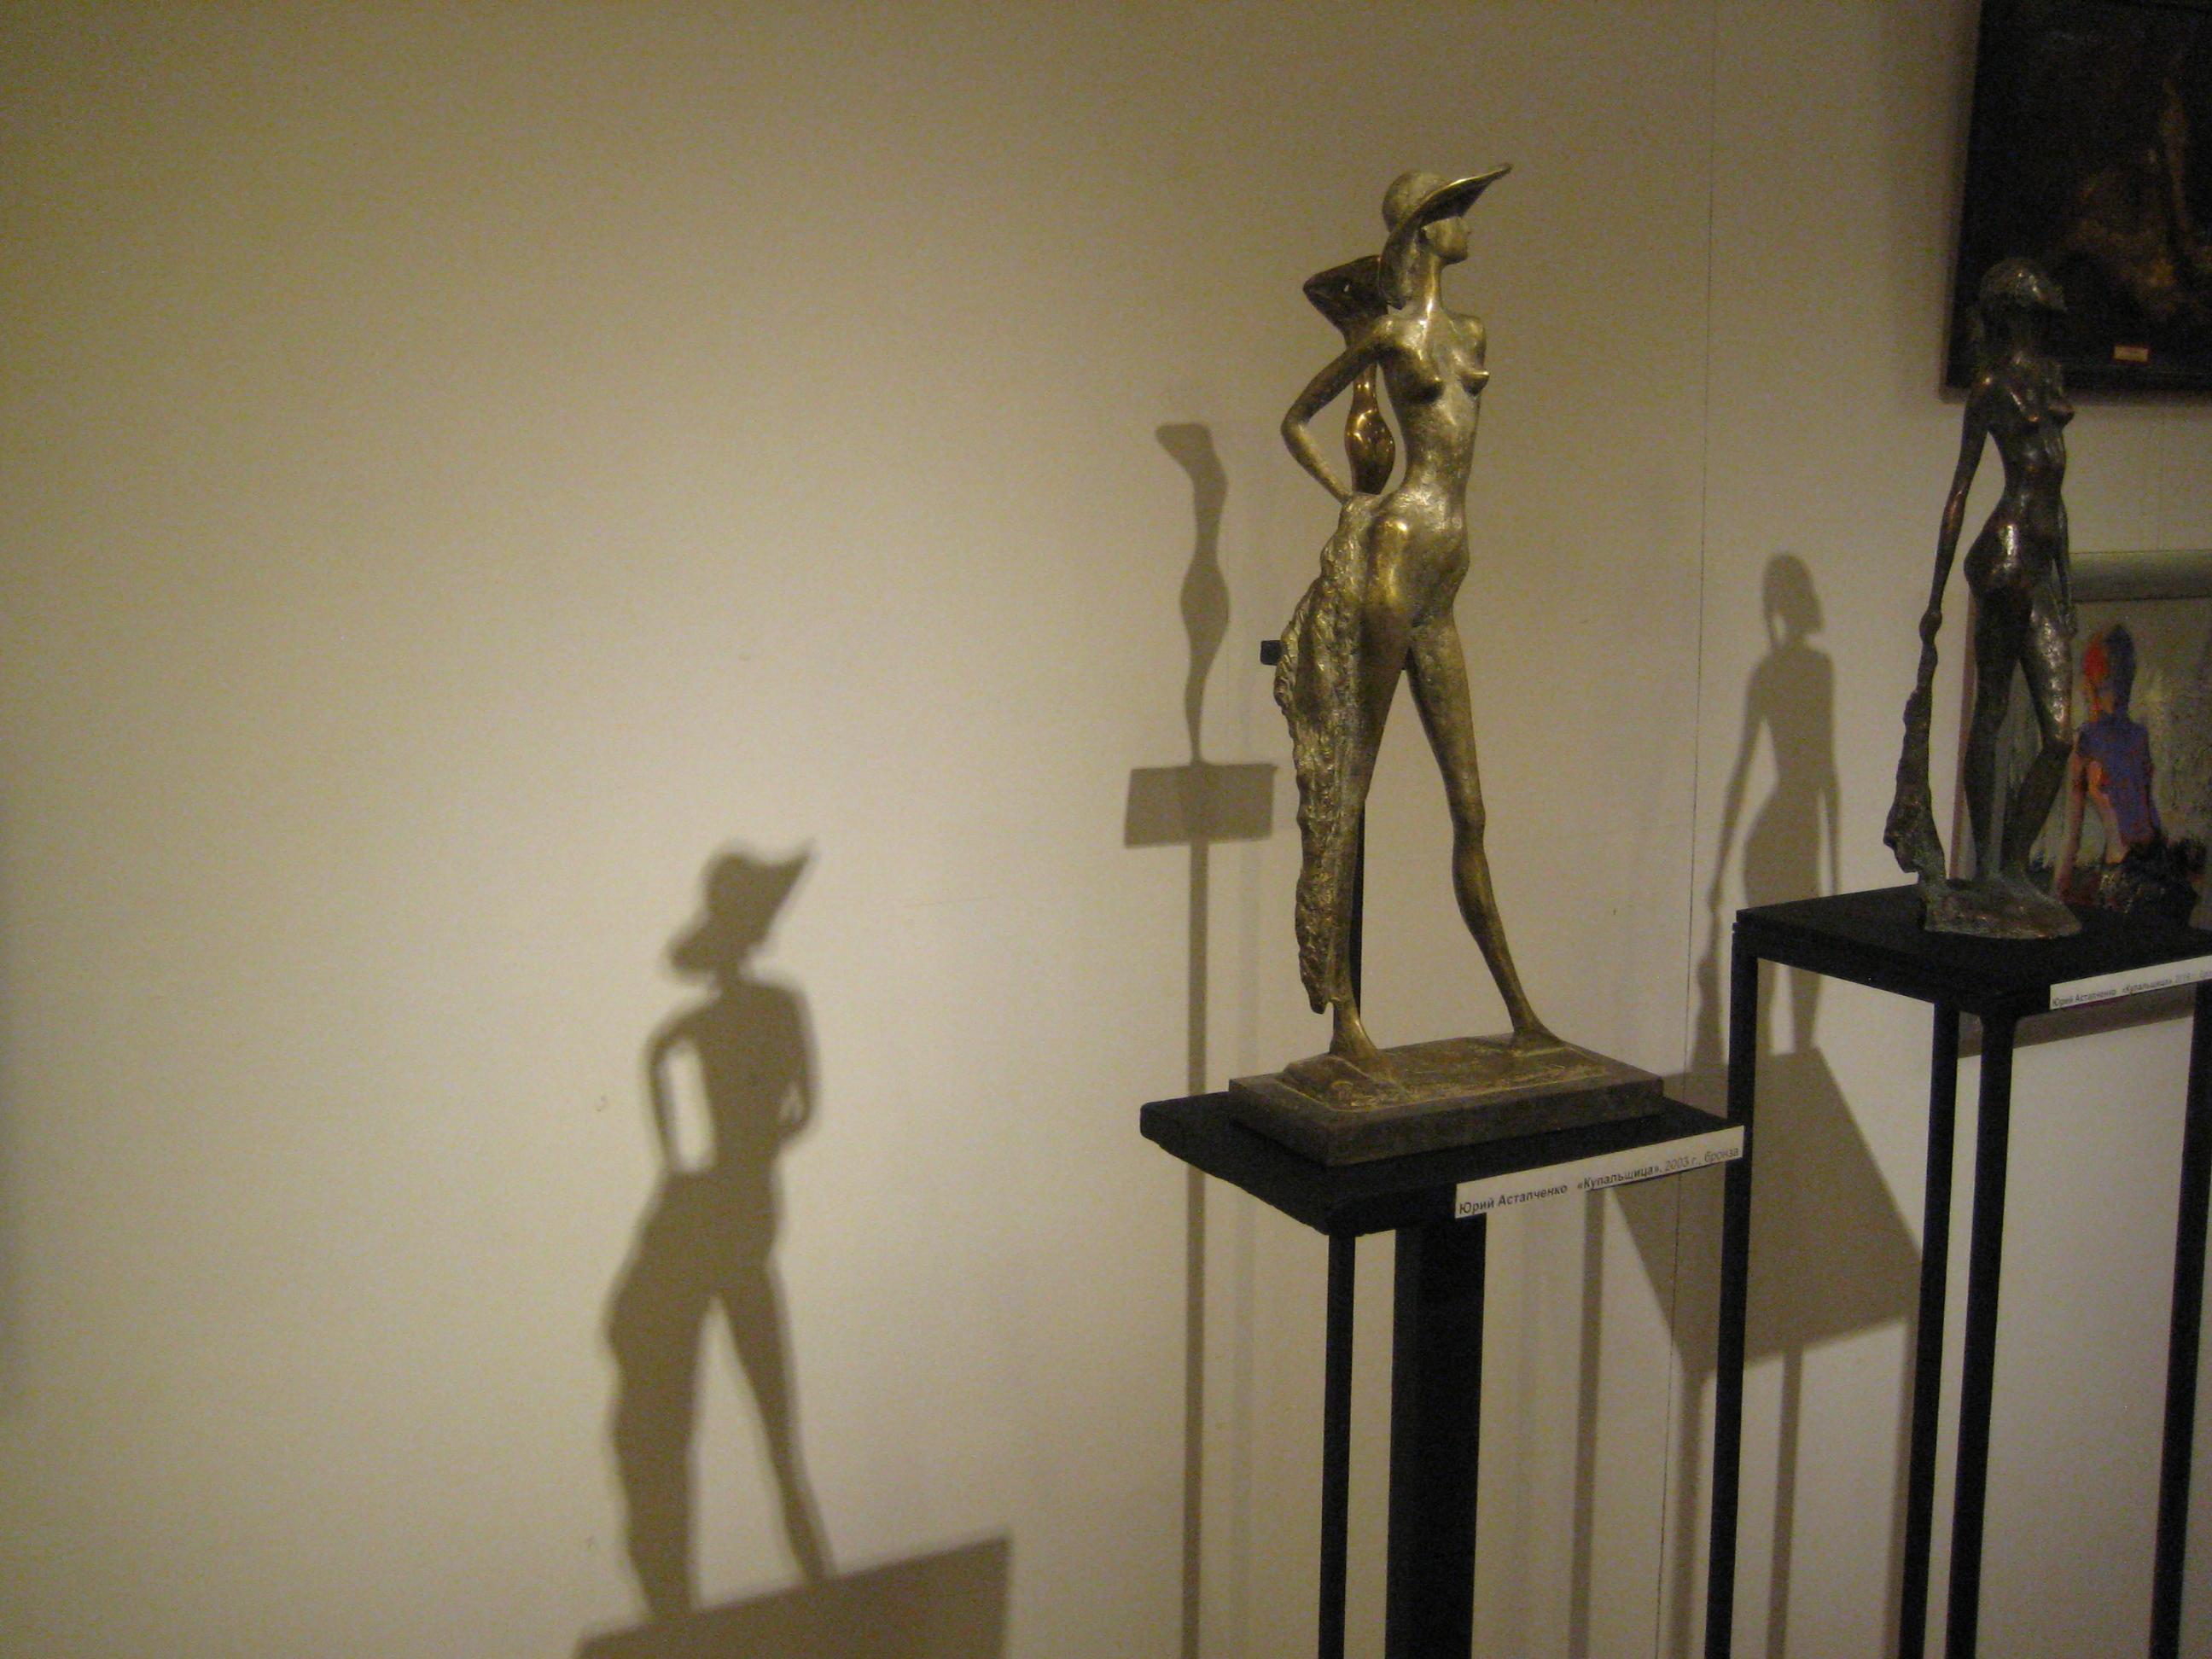 Скульптуры Юрия Астапченко отличаются изяществом и утонченностью